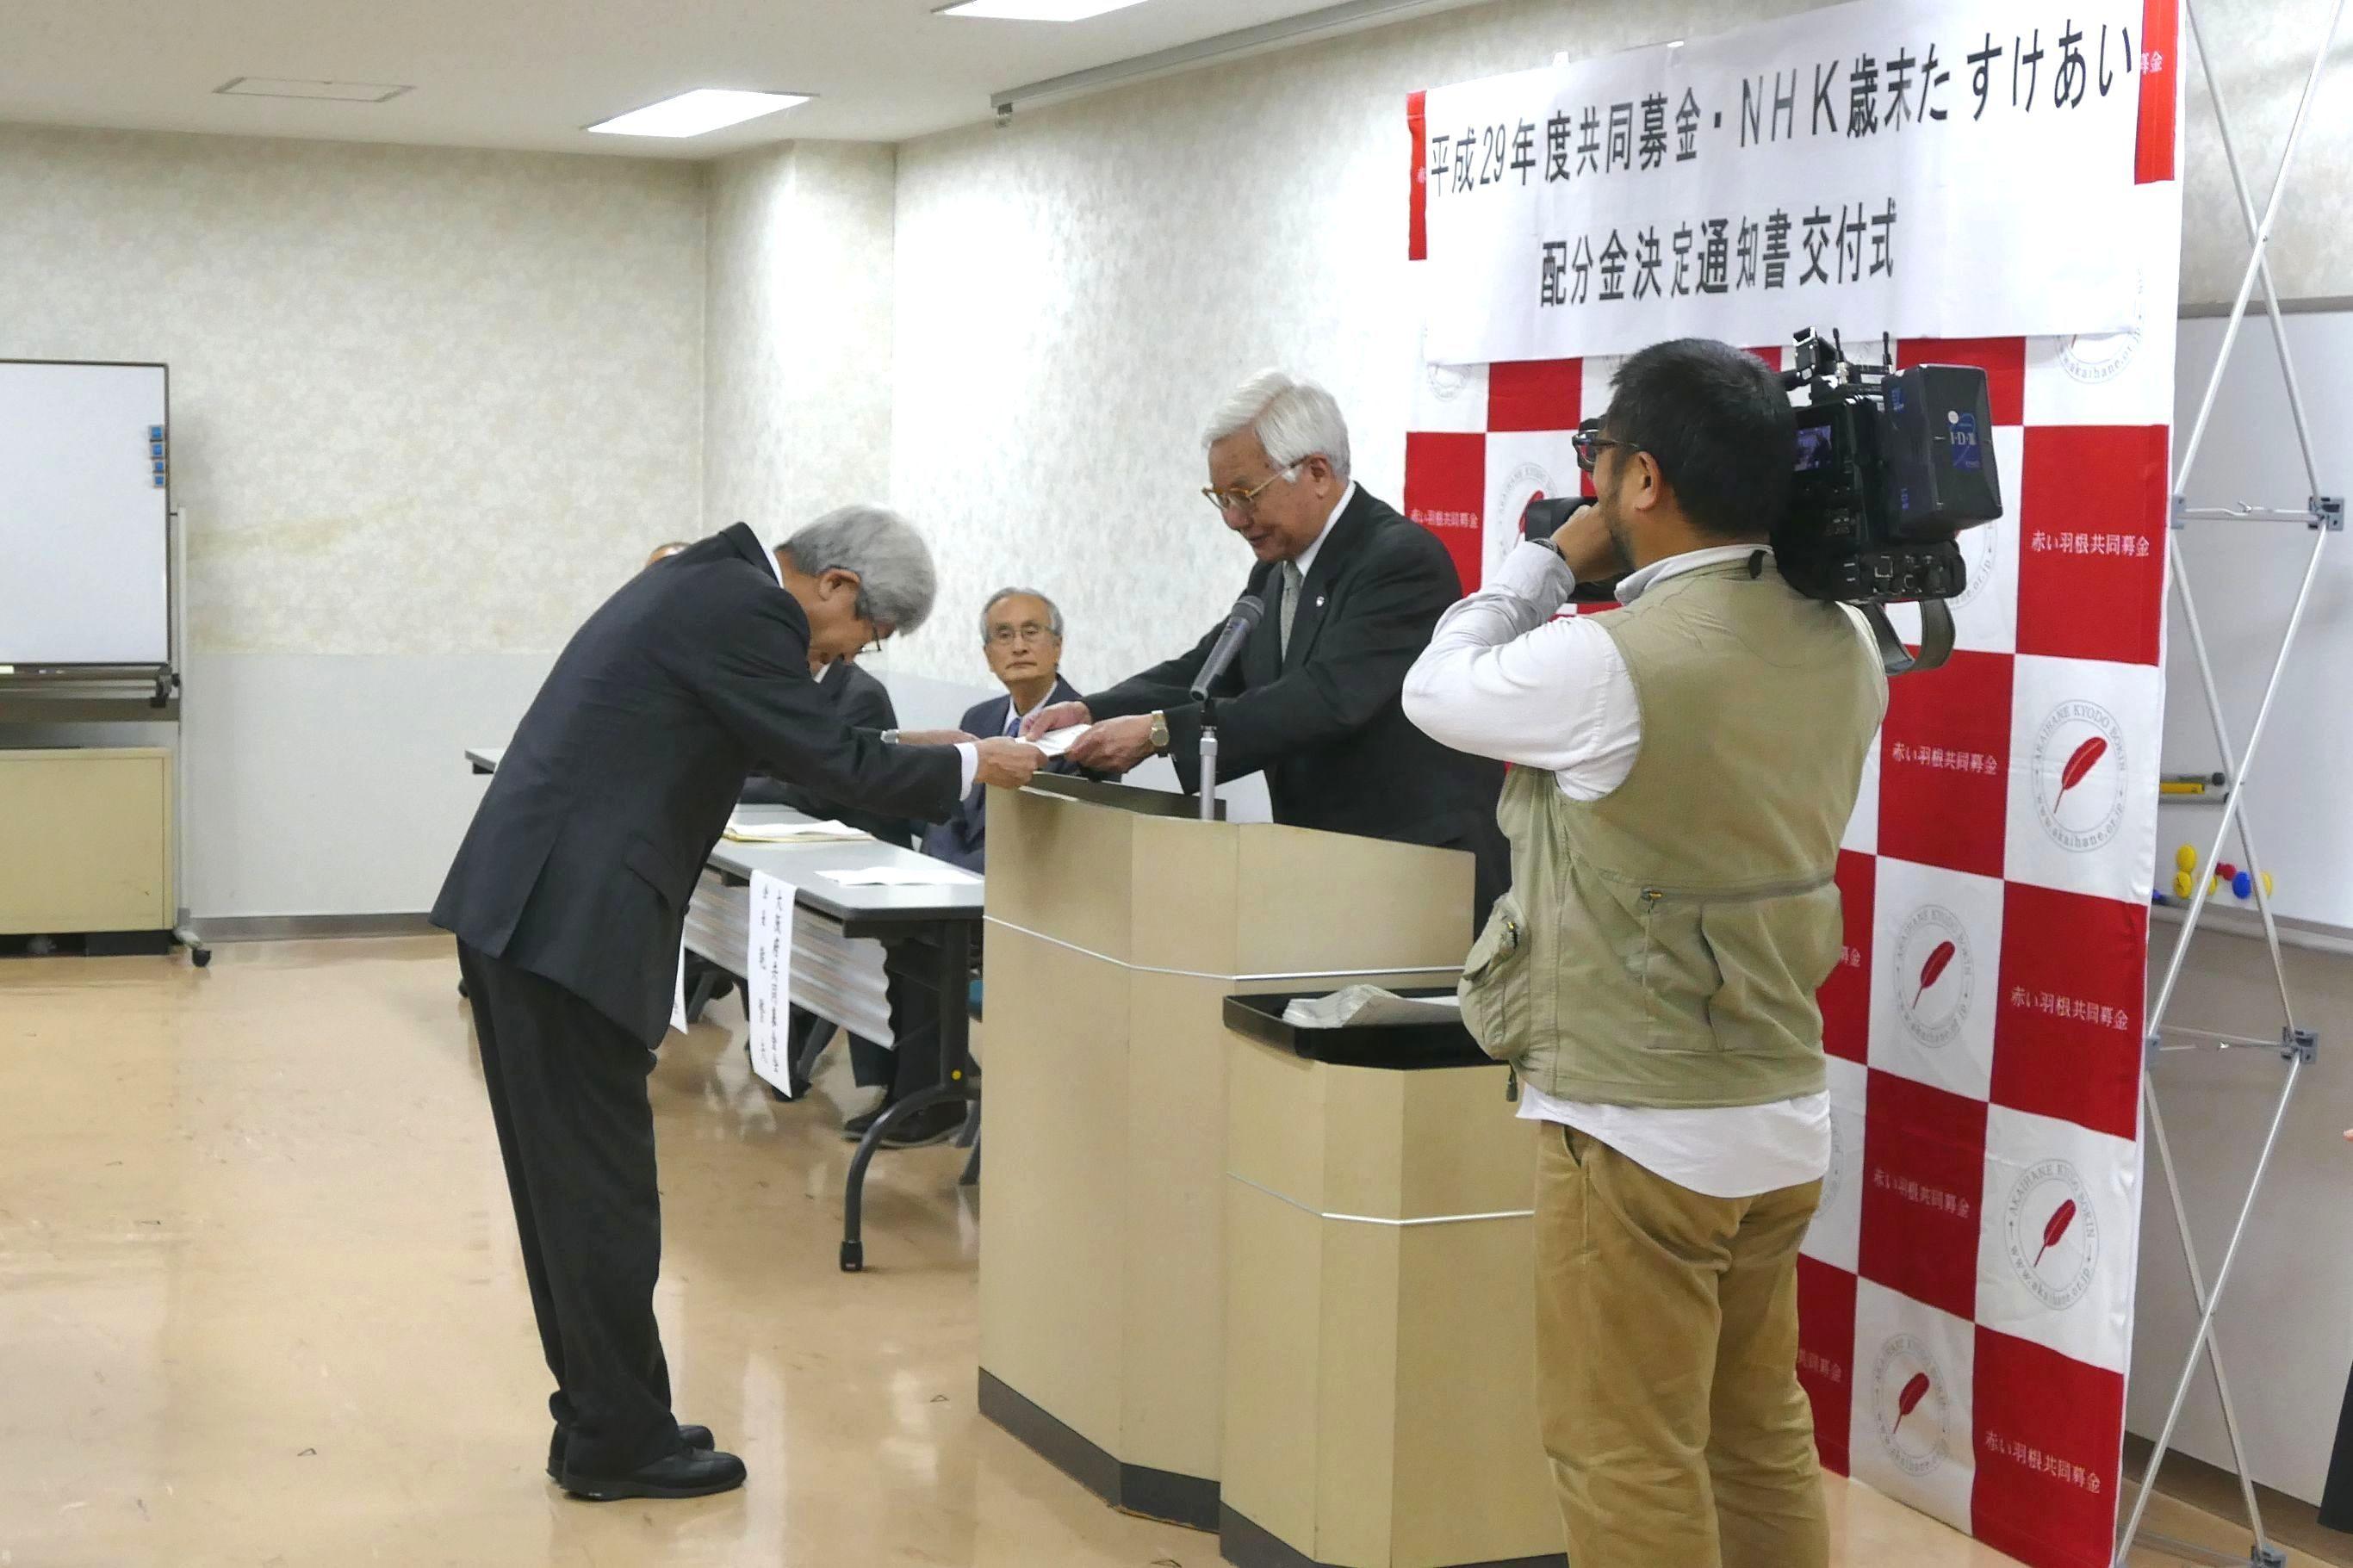 平成29年度共同募金・NHK歳末たすけあい配分金決定通知書交付式を行いました。